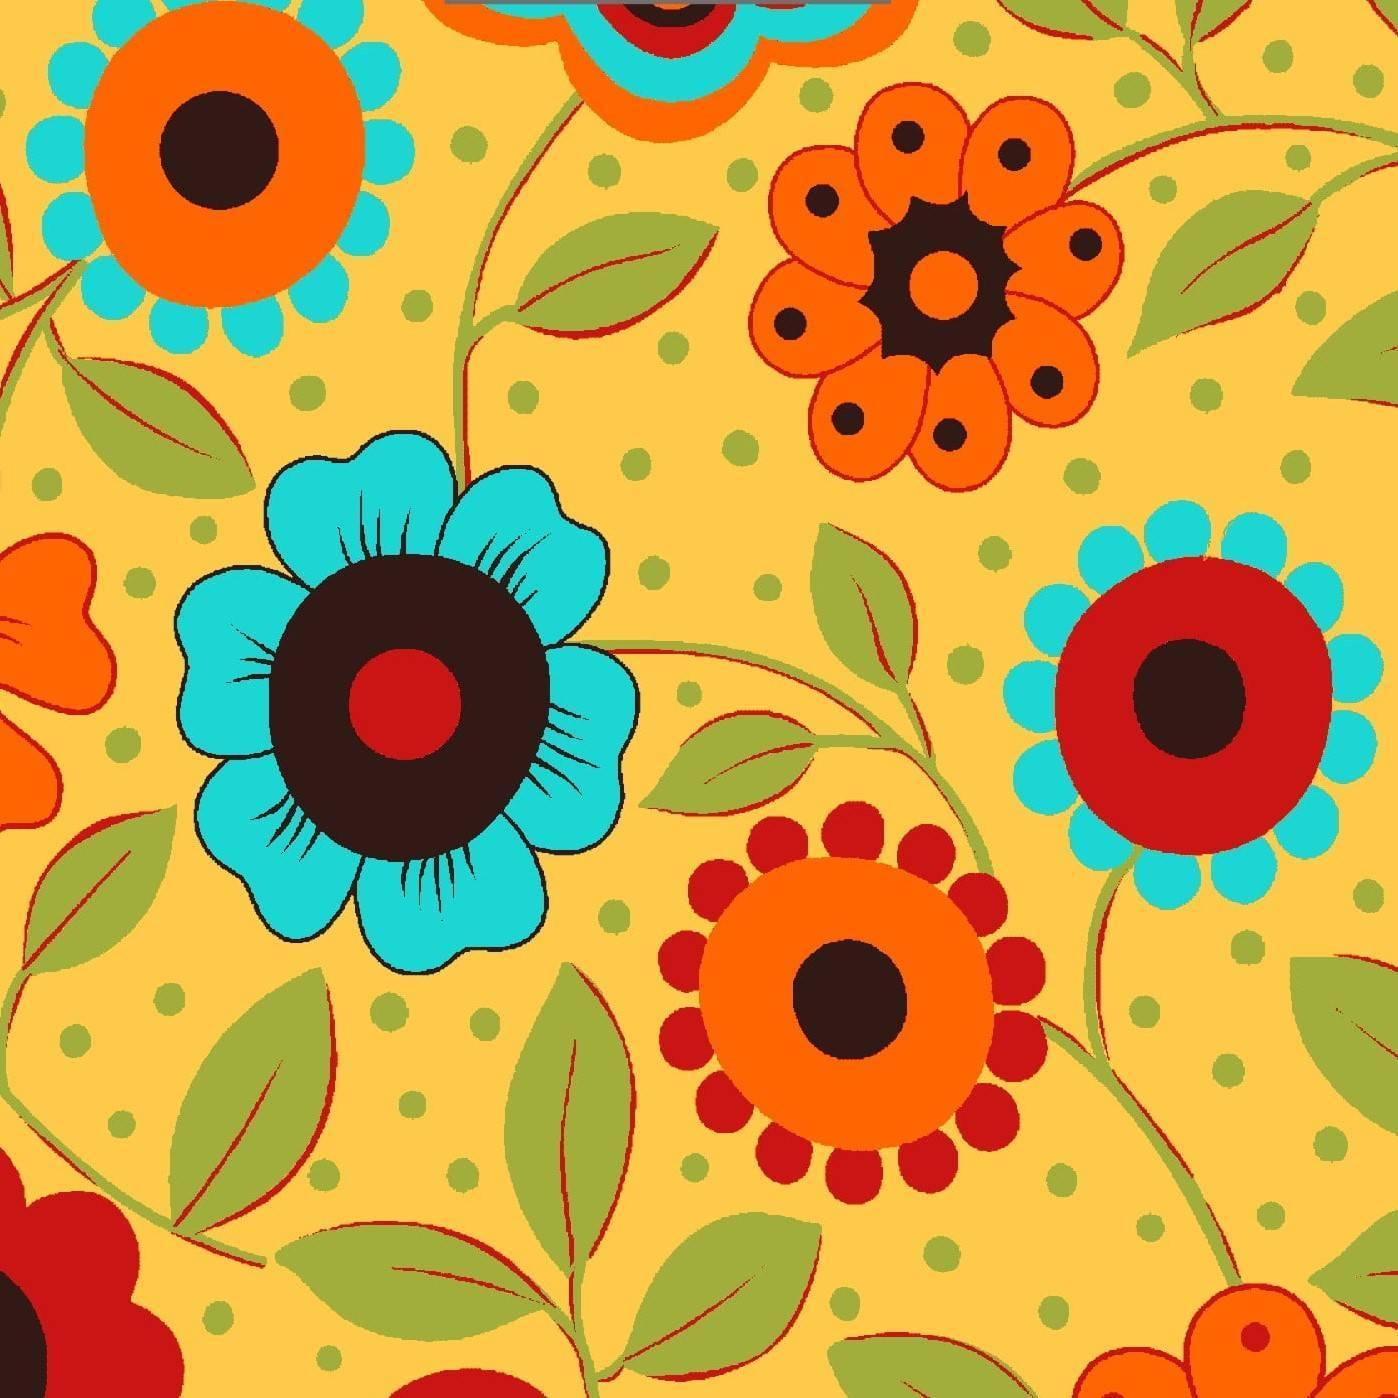 Floral fundo amarelo - BAÚ DA VOVÓ